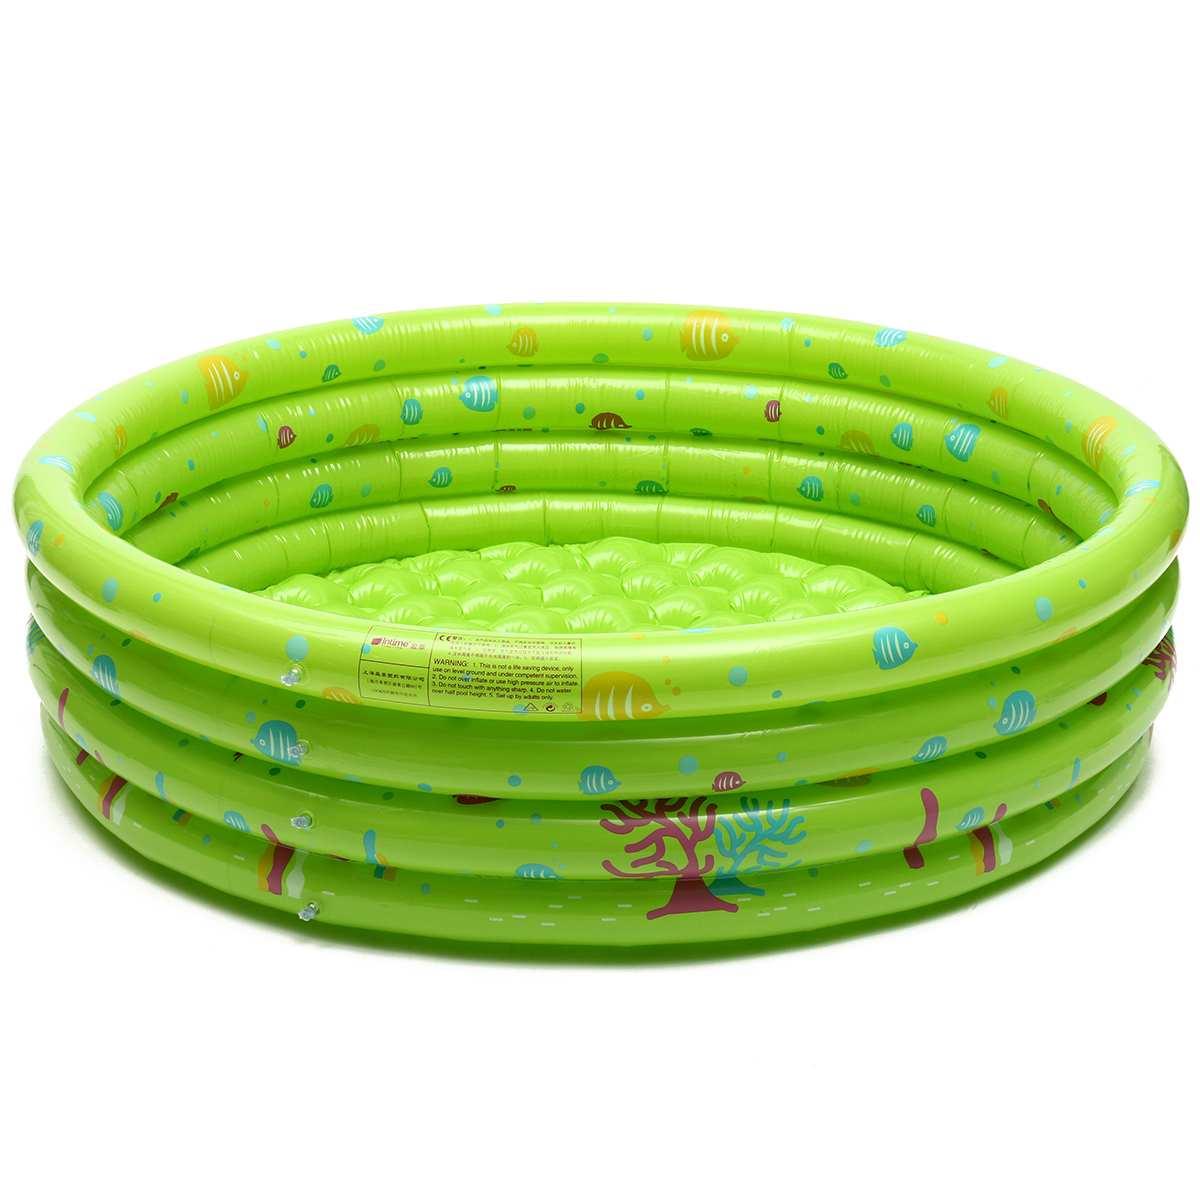 150 CM Gonflable Bébé Piscine Piscina Portable En Plein Air Enfants Bassin Baignoire enfants piscine bébé piscine d'eau - 4